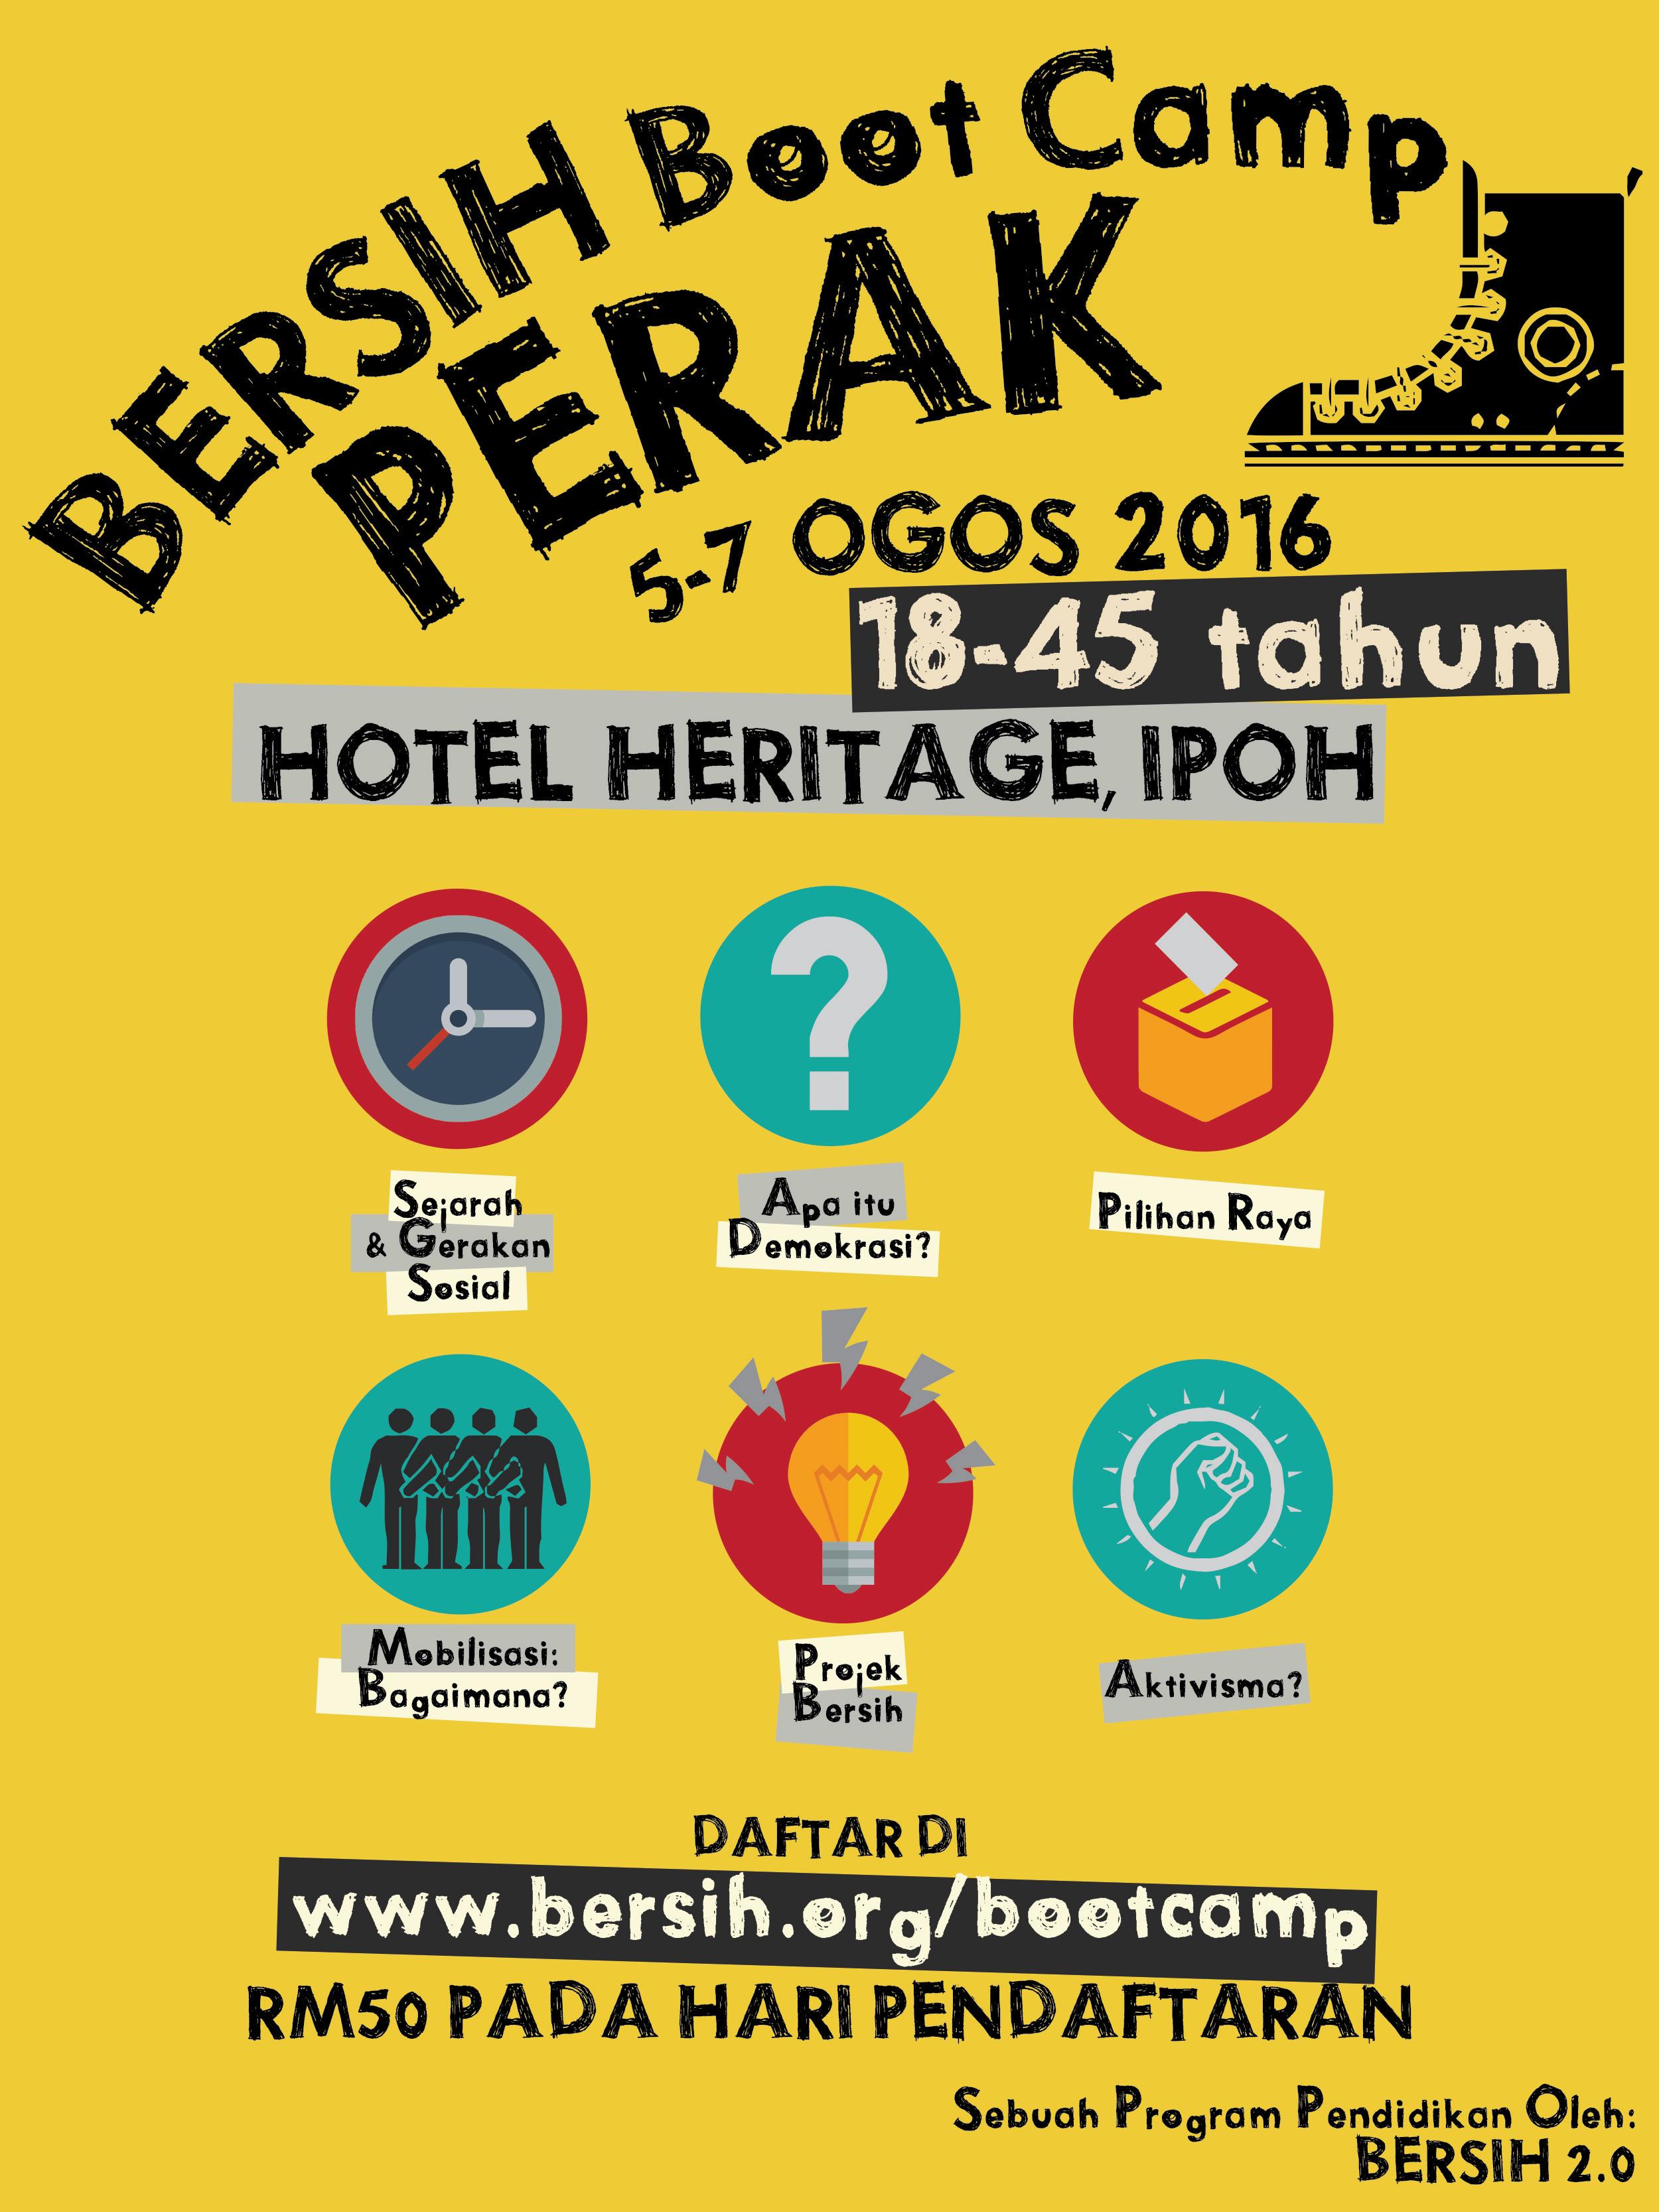 bersih boot camp